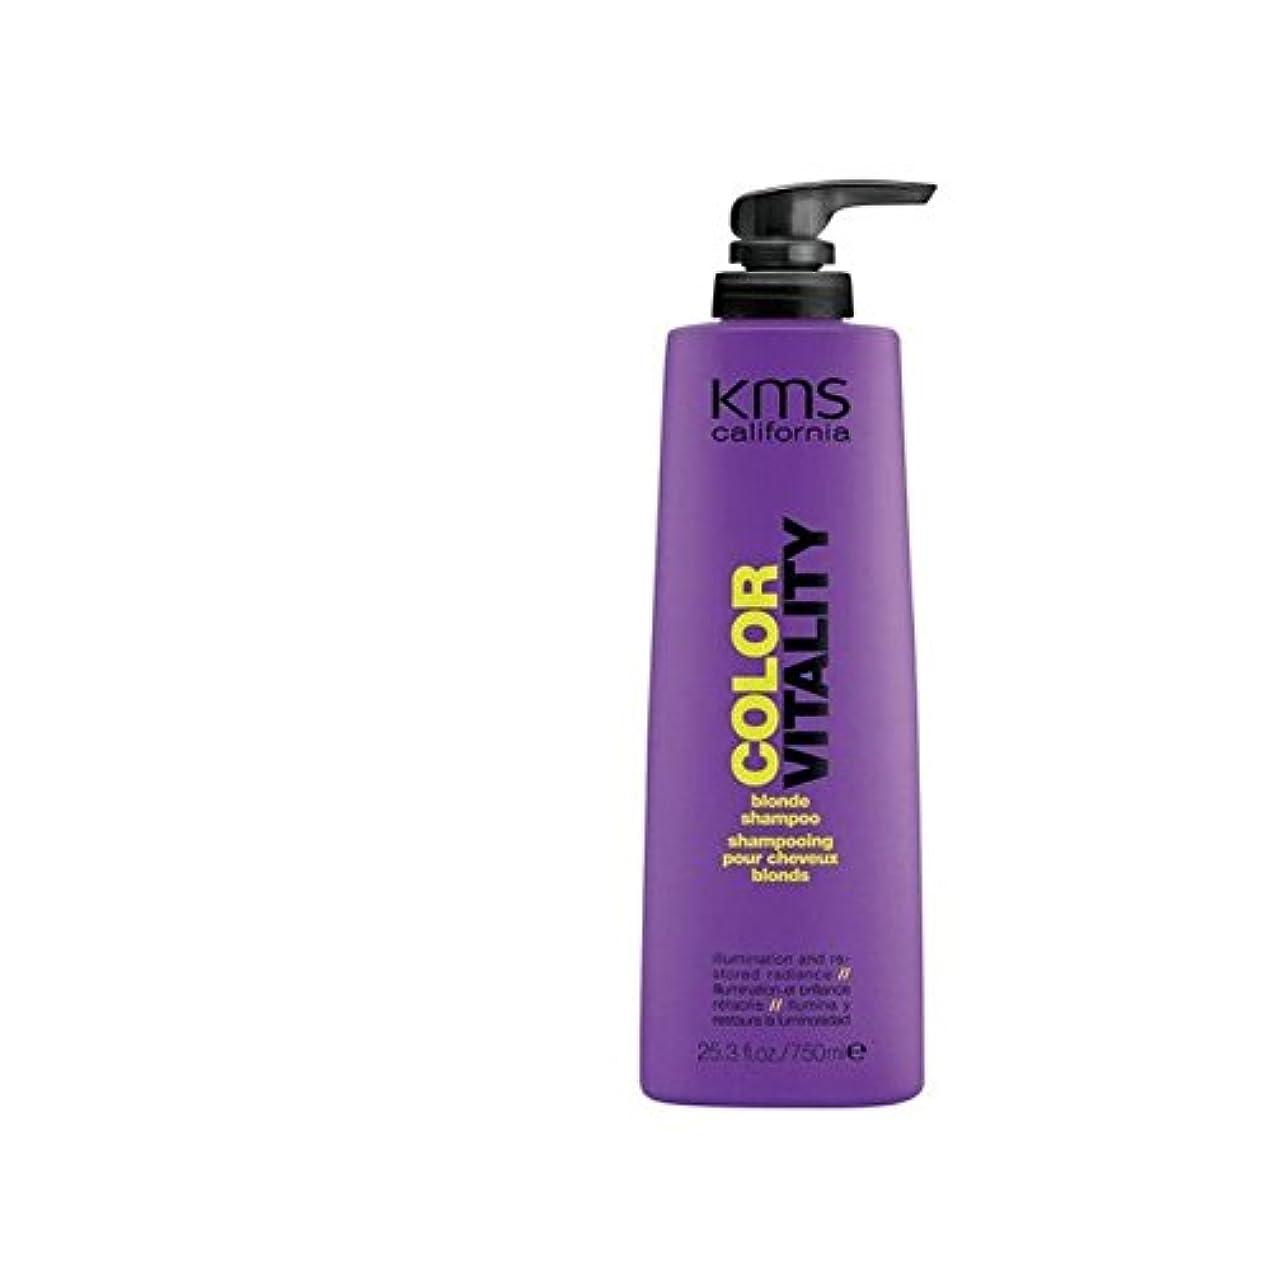 シードシプリー不規則なKms California Colorvitality Blonde Shampoo - Supersize (750ml) - カリフォルニアブロンドシャンプー - スーパーサイズ(750ミリリットル) [並行輸入品]